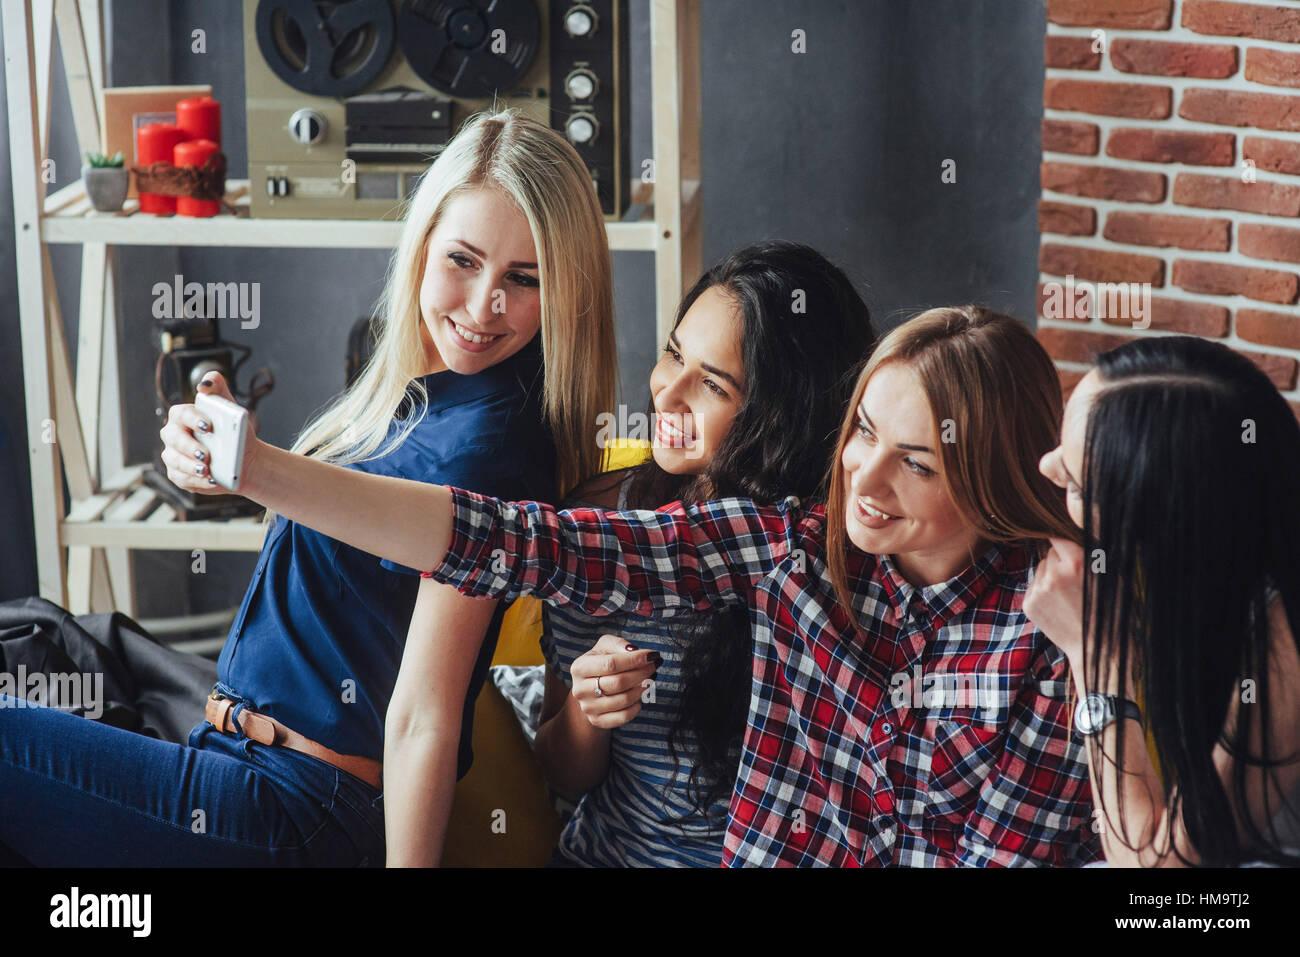 Cuatro hermosa joven haciendo selfie en un café, mejores amigos niñas junto a divertirse, planteando el Imagen De Stock